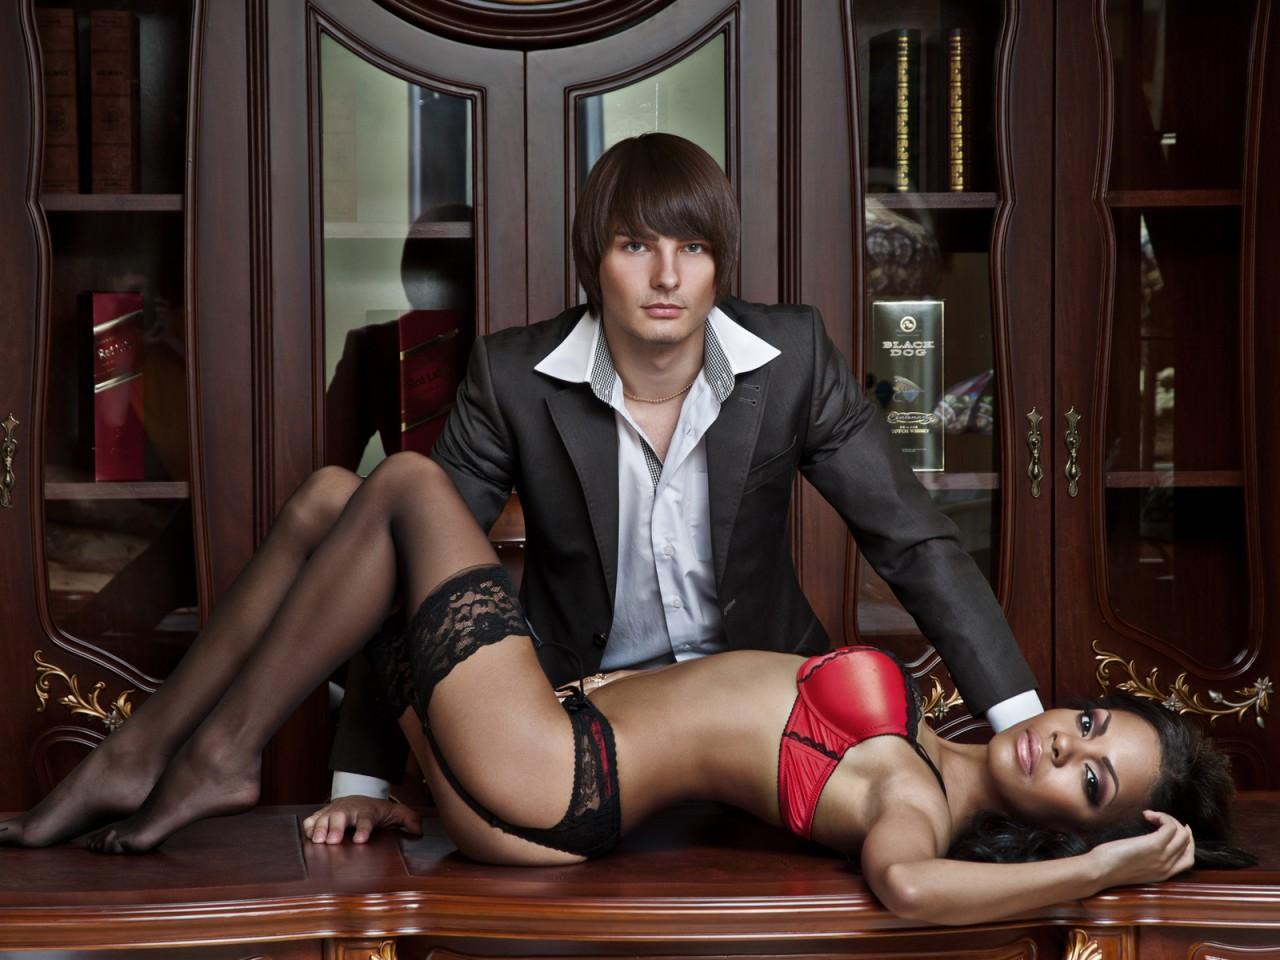 Секс на рабочем месте россия 21 фотография